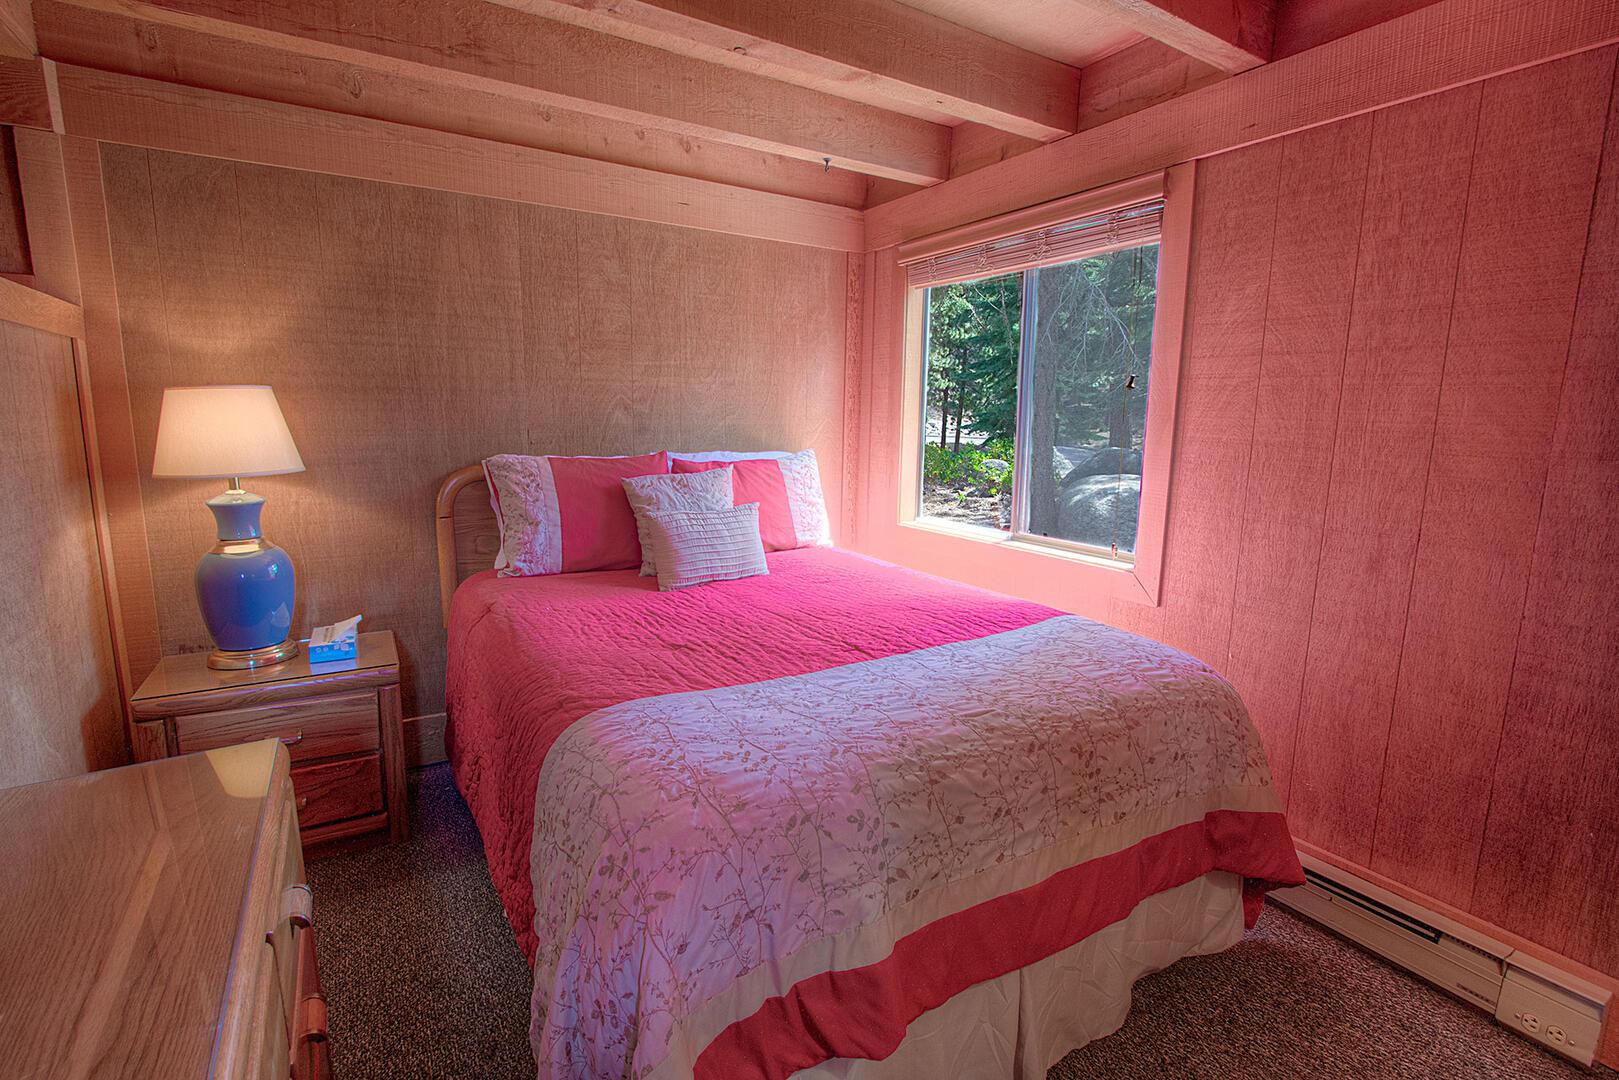 lvc0685 bedroom